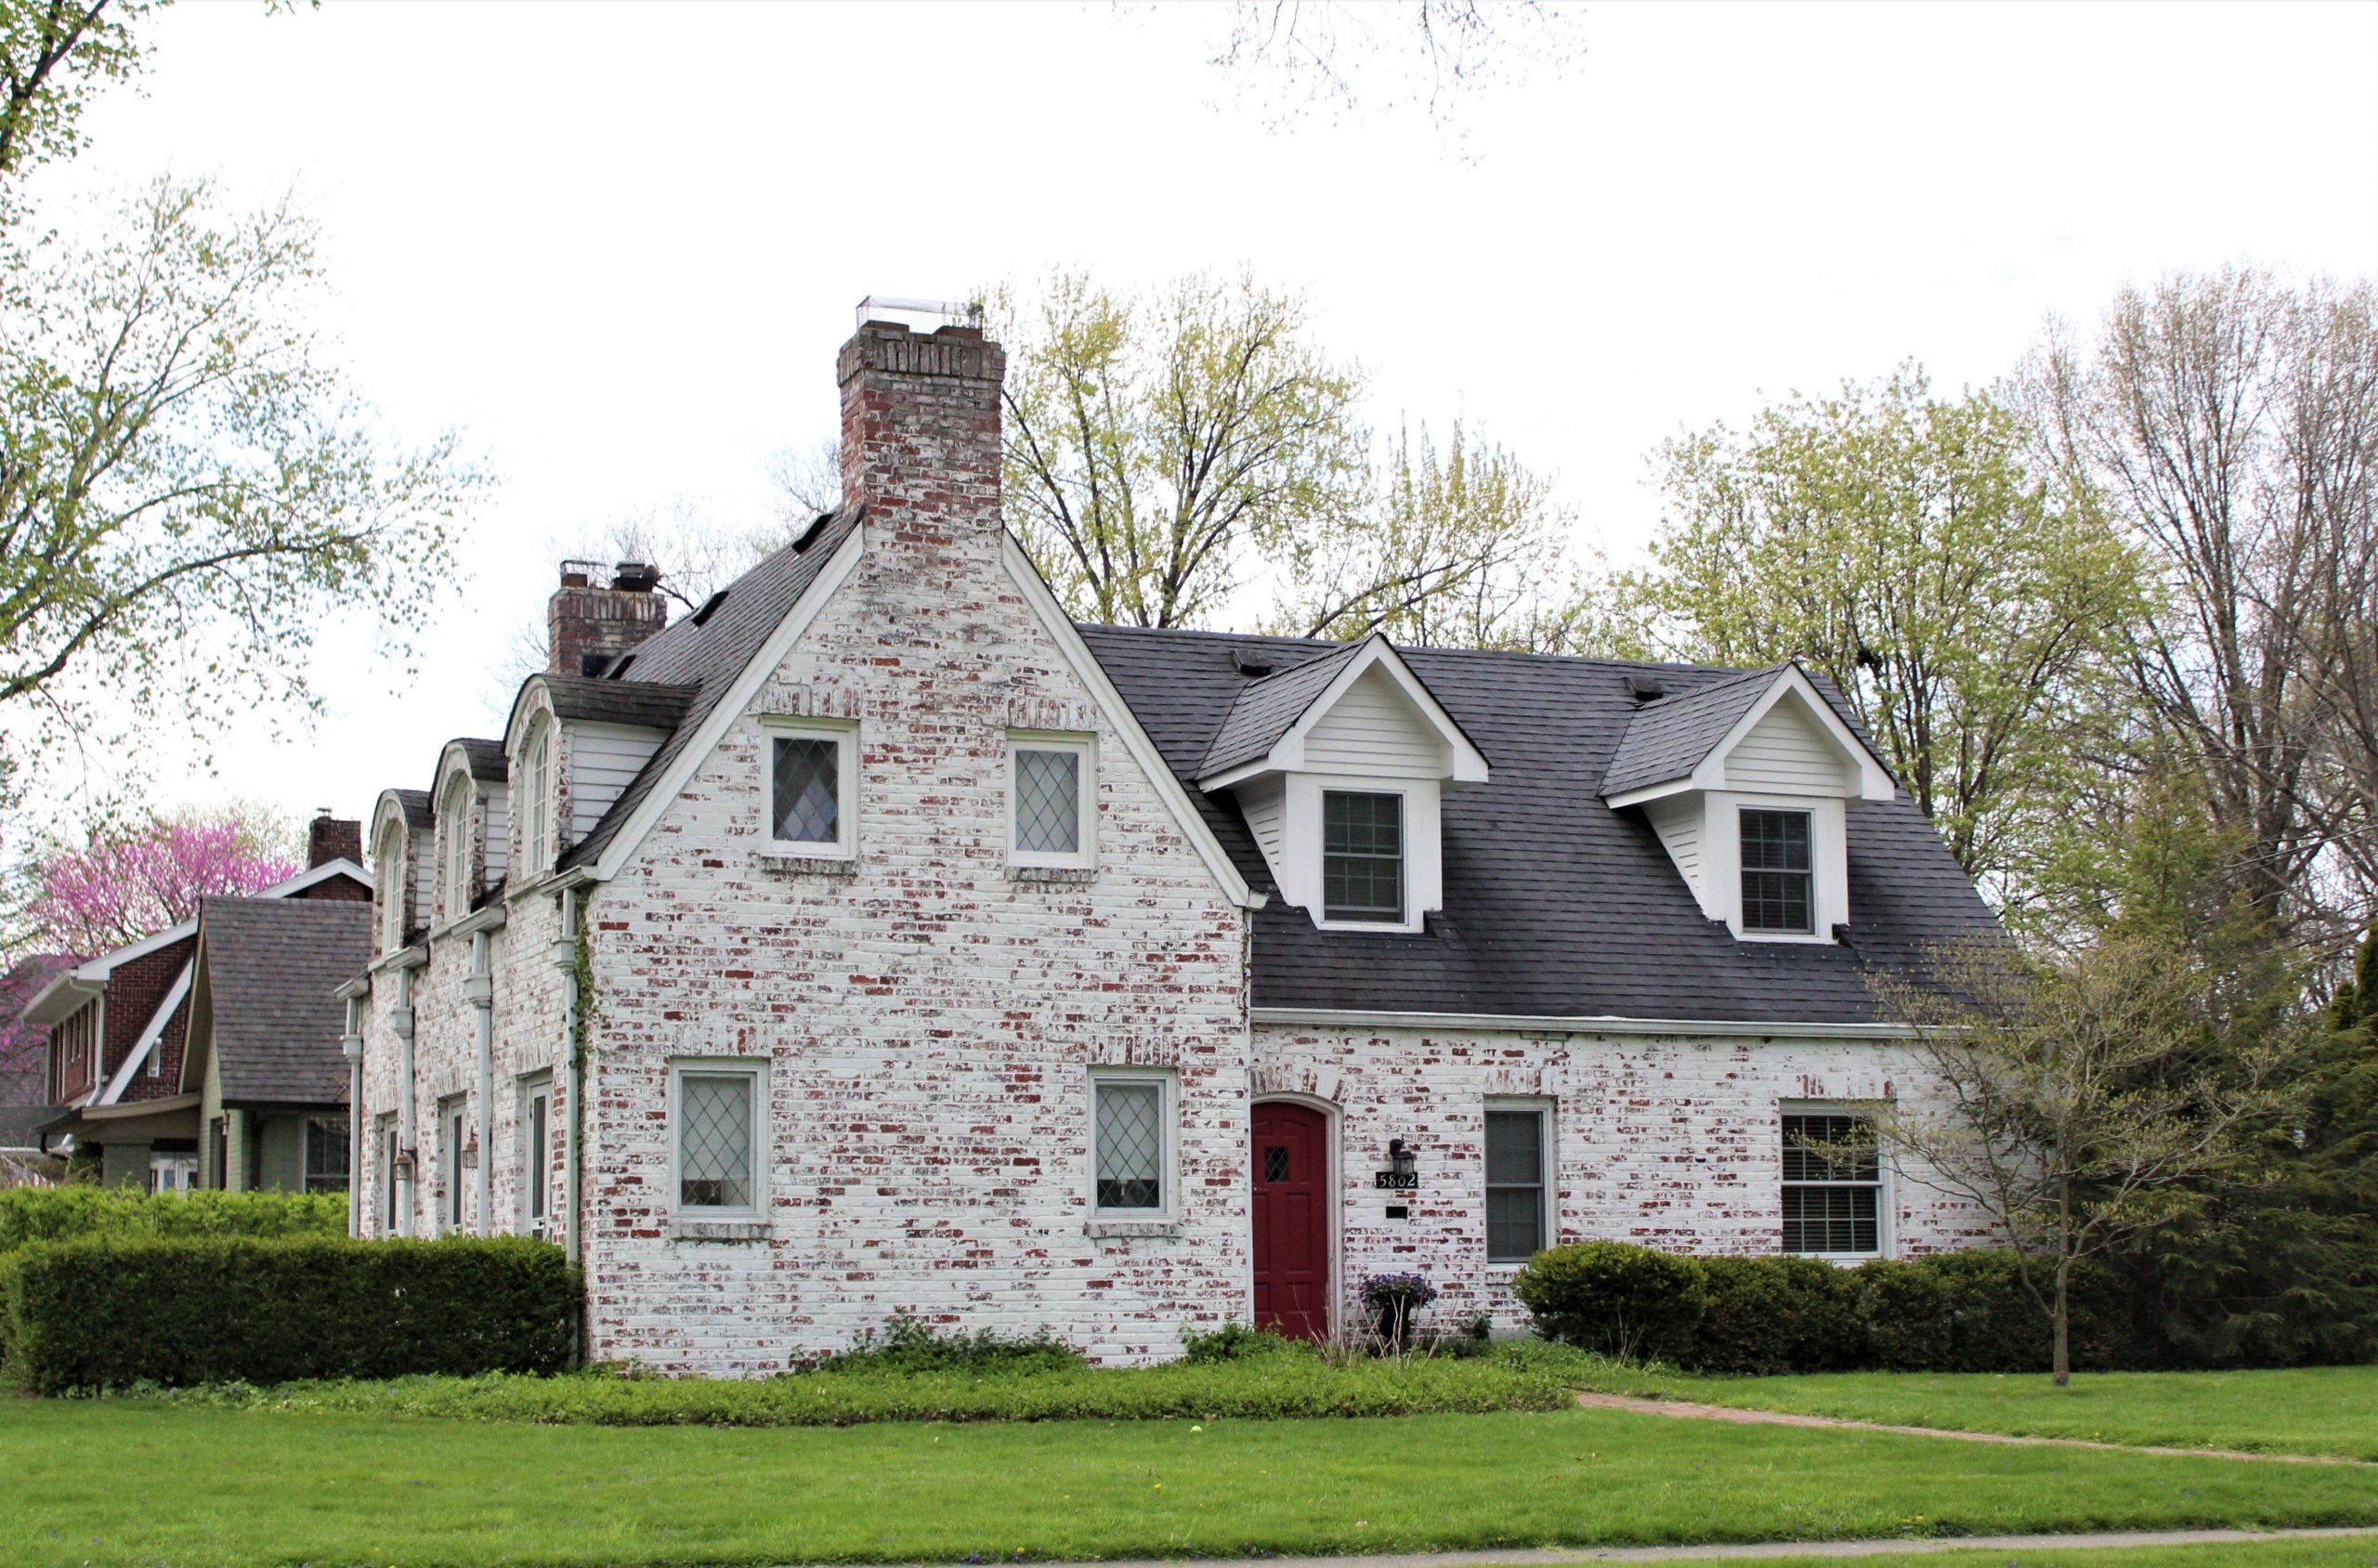 Merridian-Kessler - White Brick Home